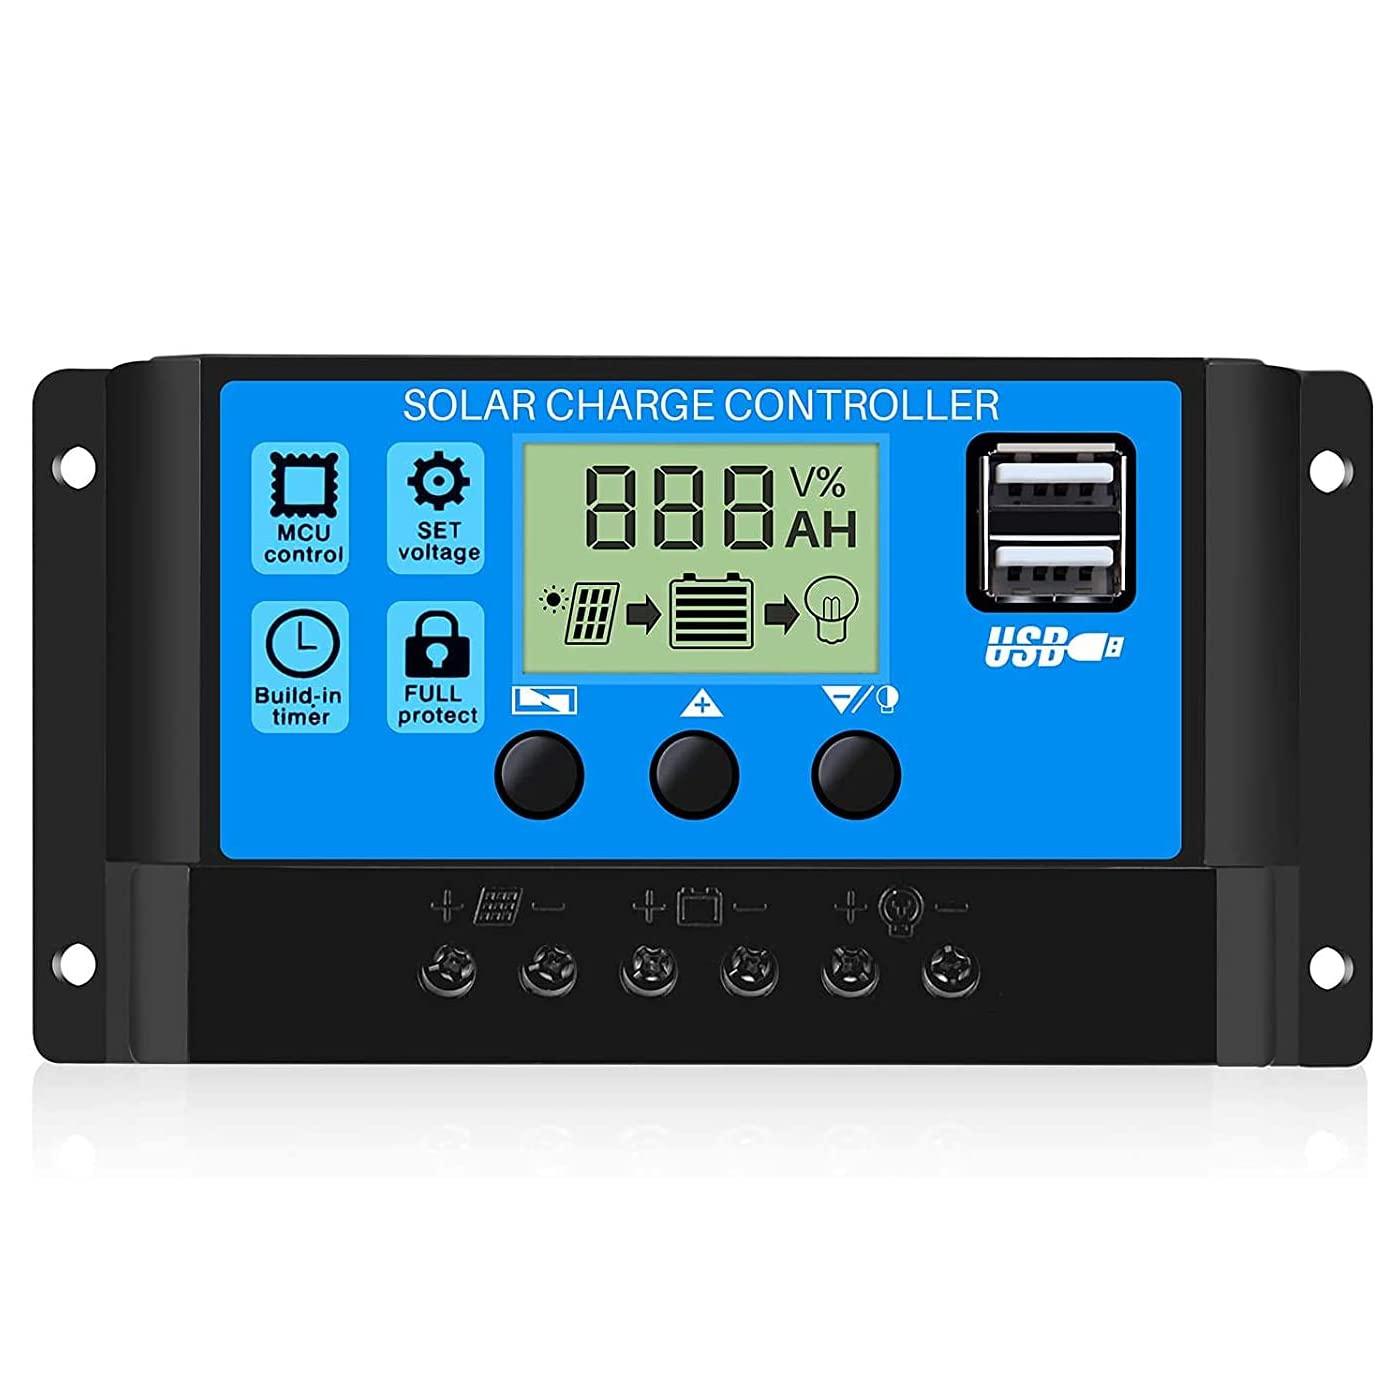 Controlador De Carga Solar[30A], Identificación Automática 12V / 24V, Pantalla LCD e Interfaz USB, Protección Eléctrica, Ajuste De Carga y Descarga, Control De Luz y Control De Tiempo